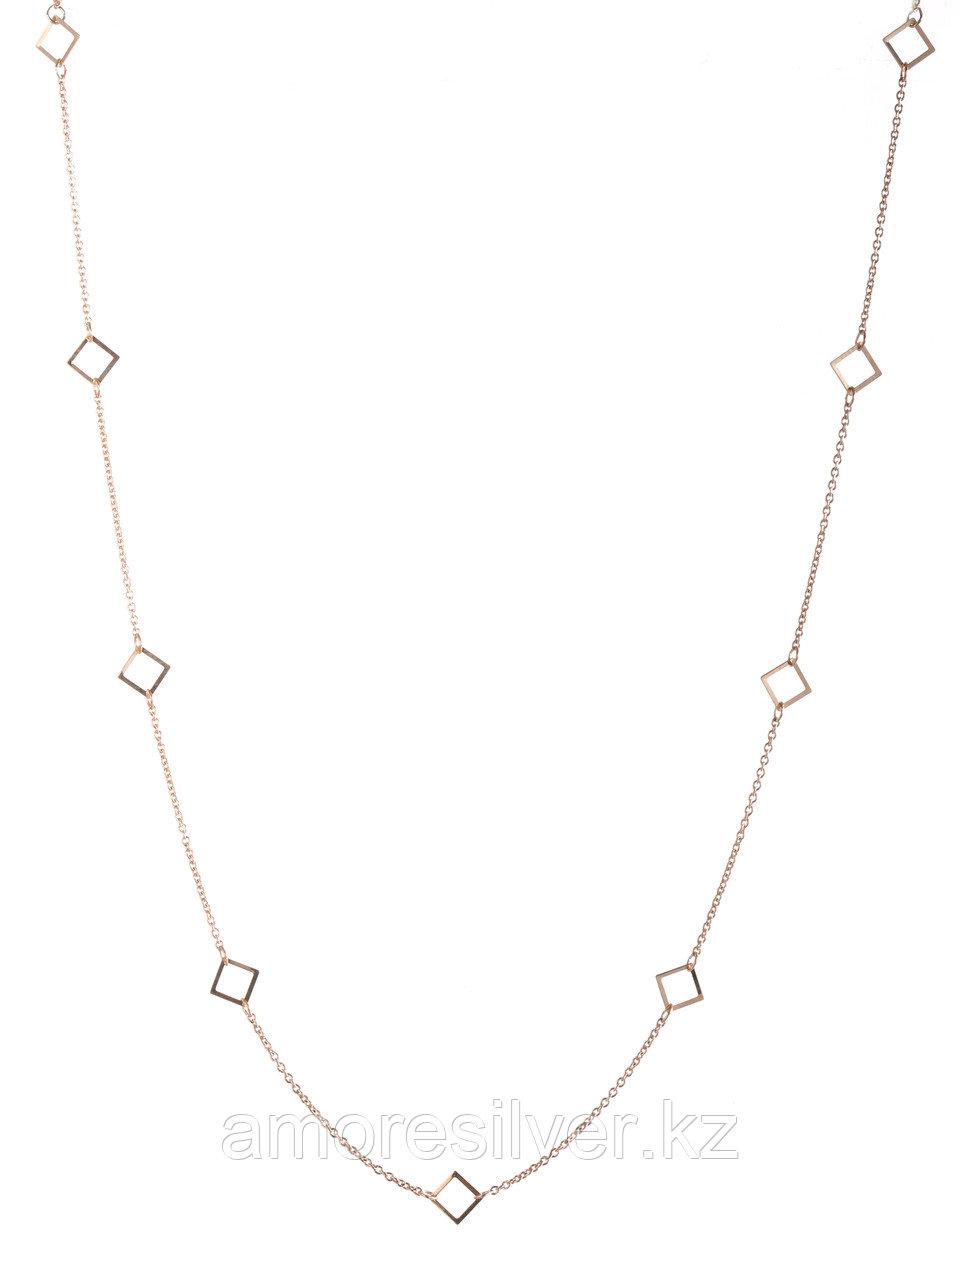 Колье Адамант серебро с позолотой, без вставок Ср925П-843703040 размеры - 40